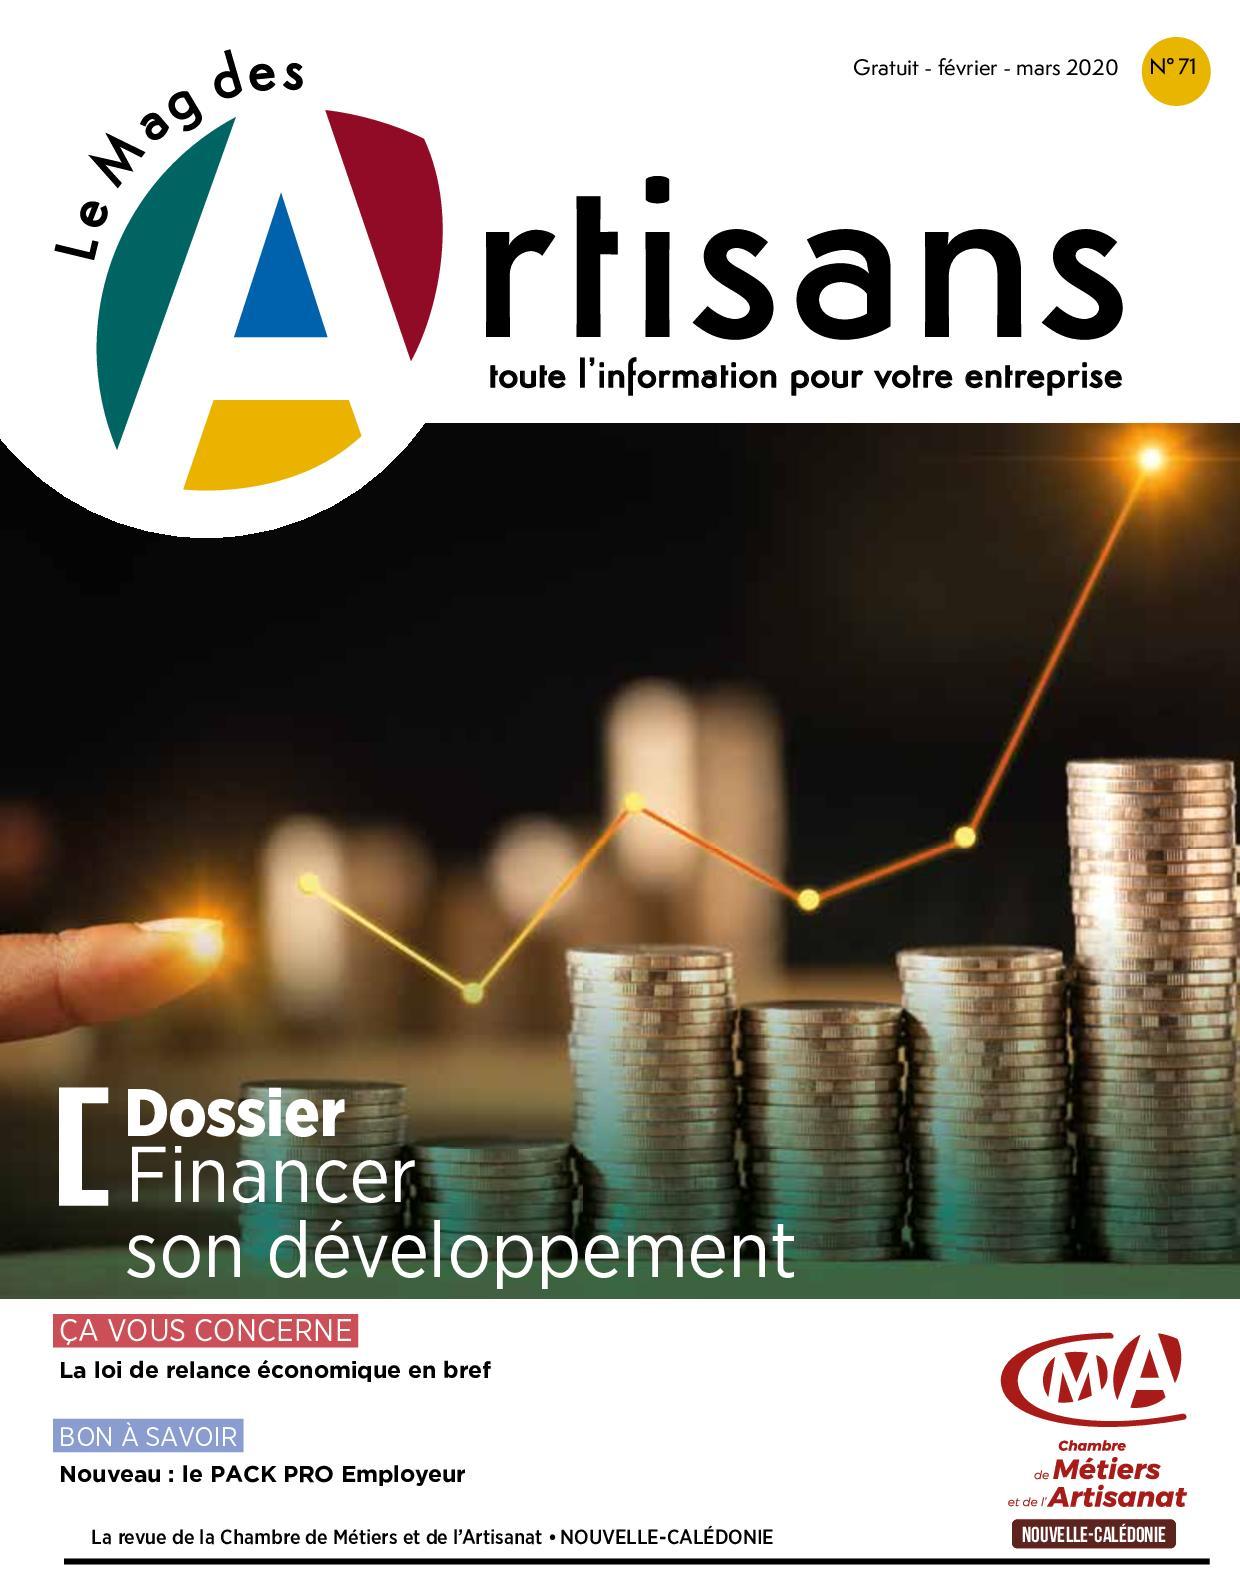 Etude De Marche Artisan Electricien calaméo - mag des artisans n°71 – financer son developpement